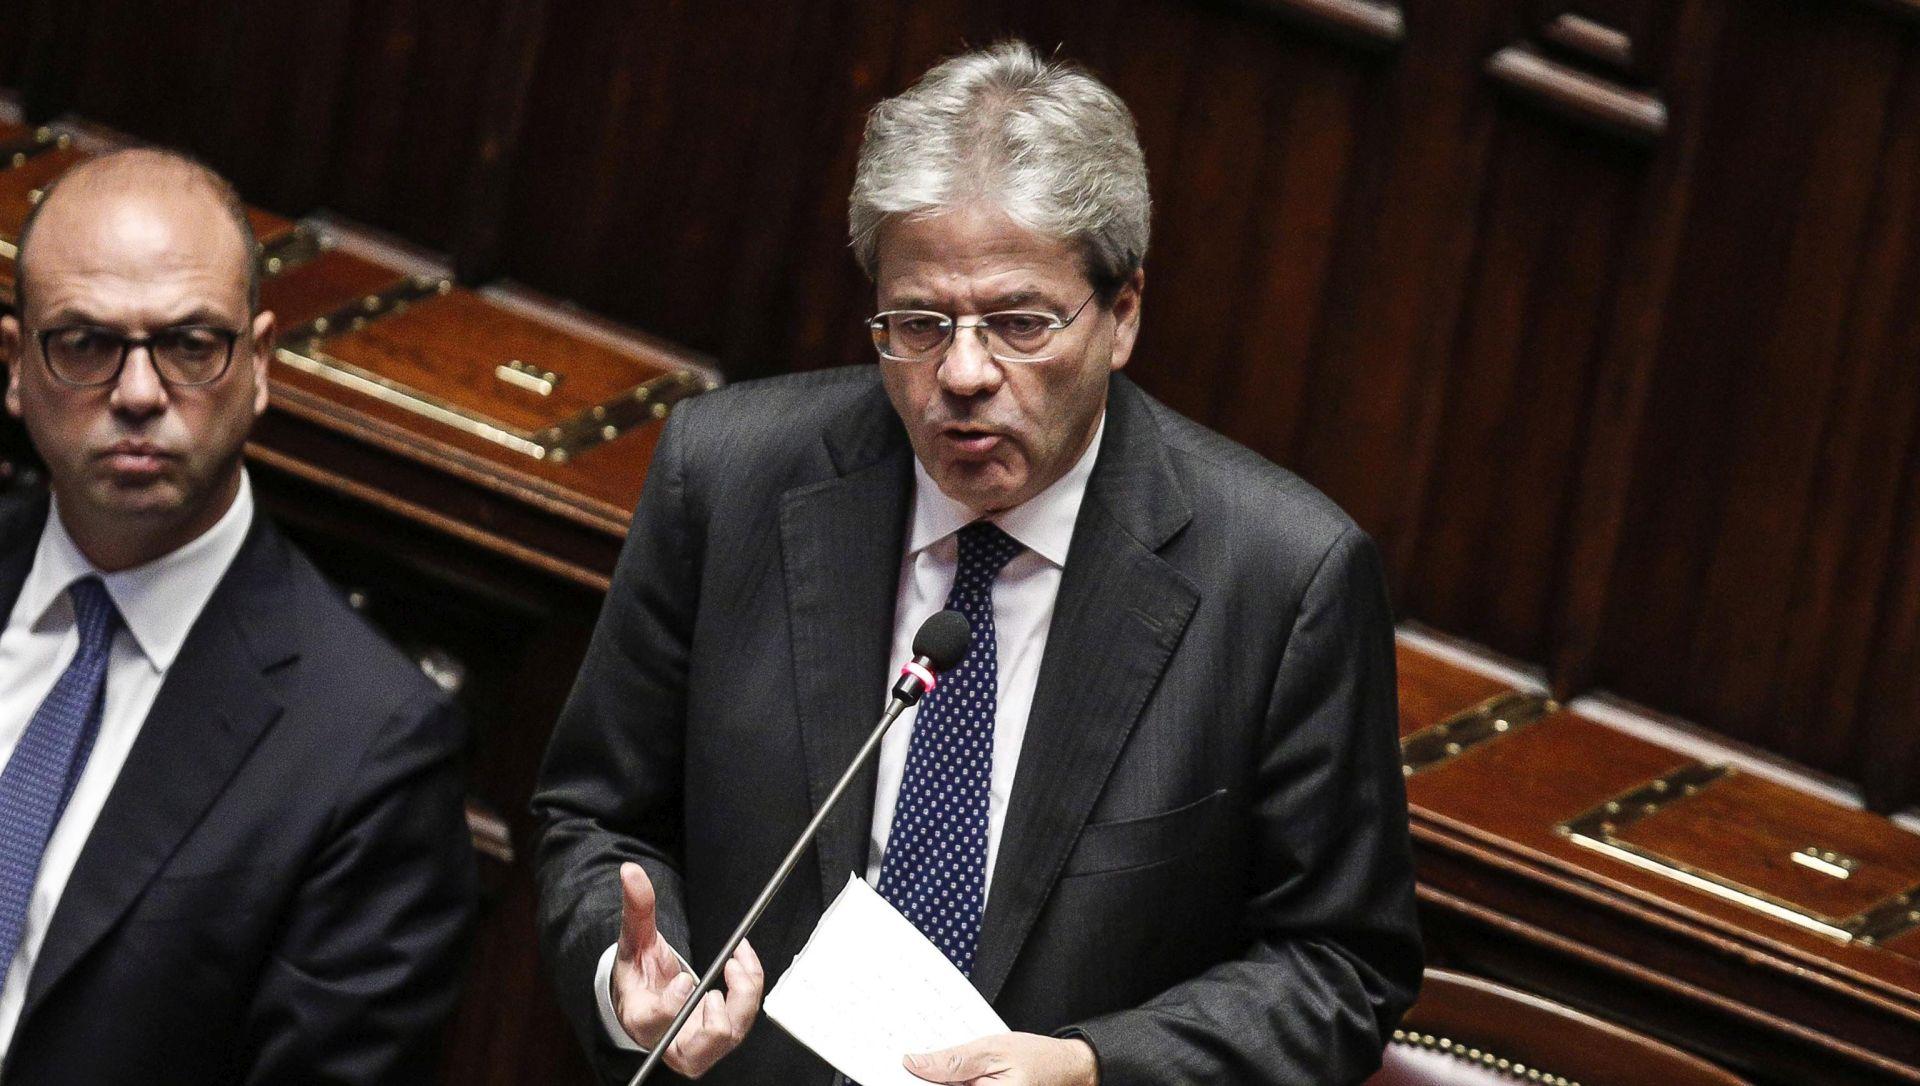 Donji dom parlamenta izglasao povjerenje Gentiloniju